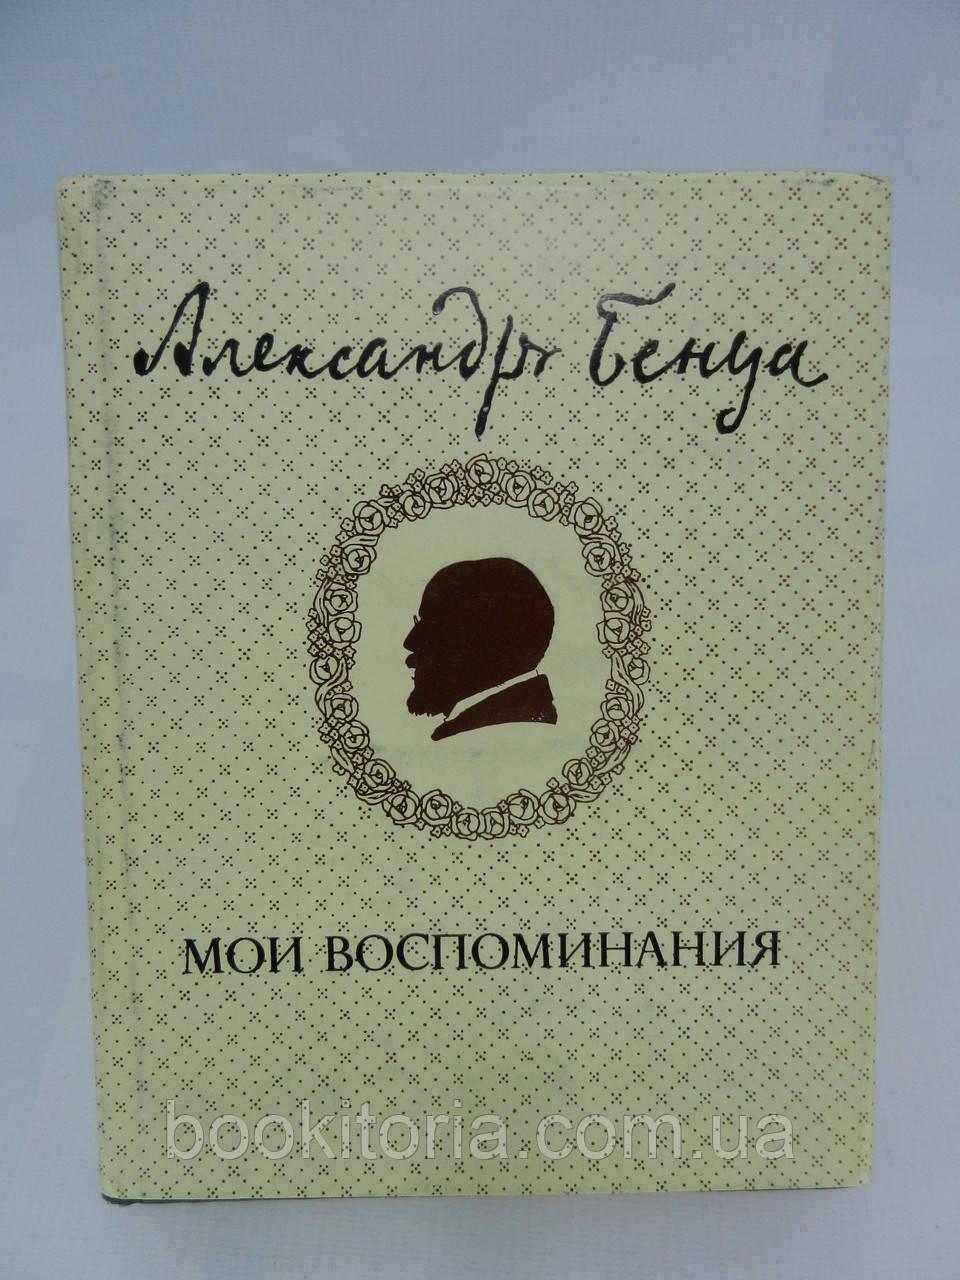 Бенуа А. Мои воспоминания в пяти книгах, двух томах. Том 1 (б/у).